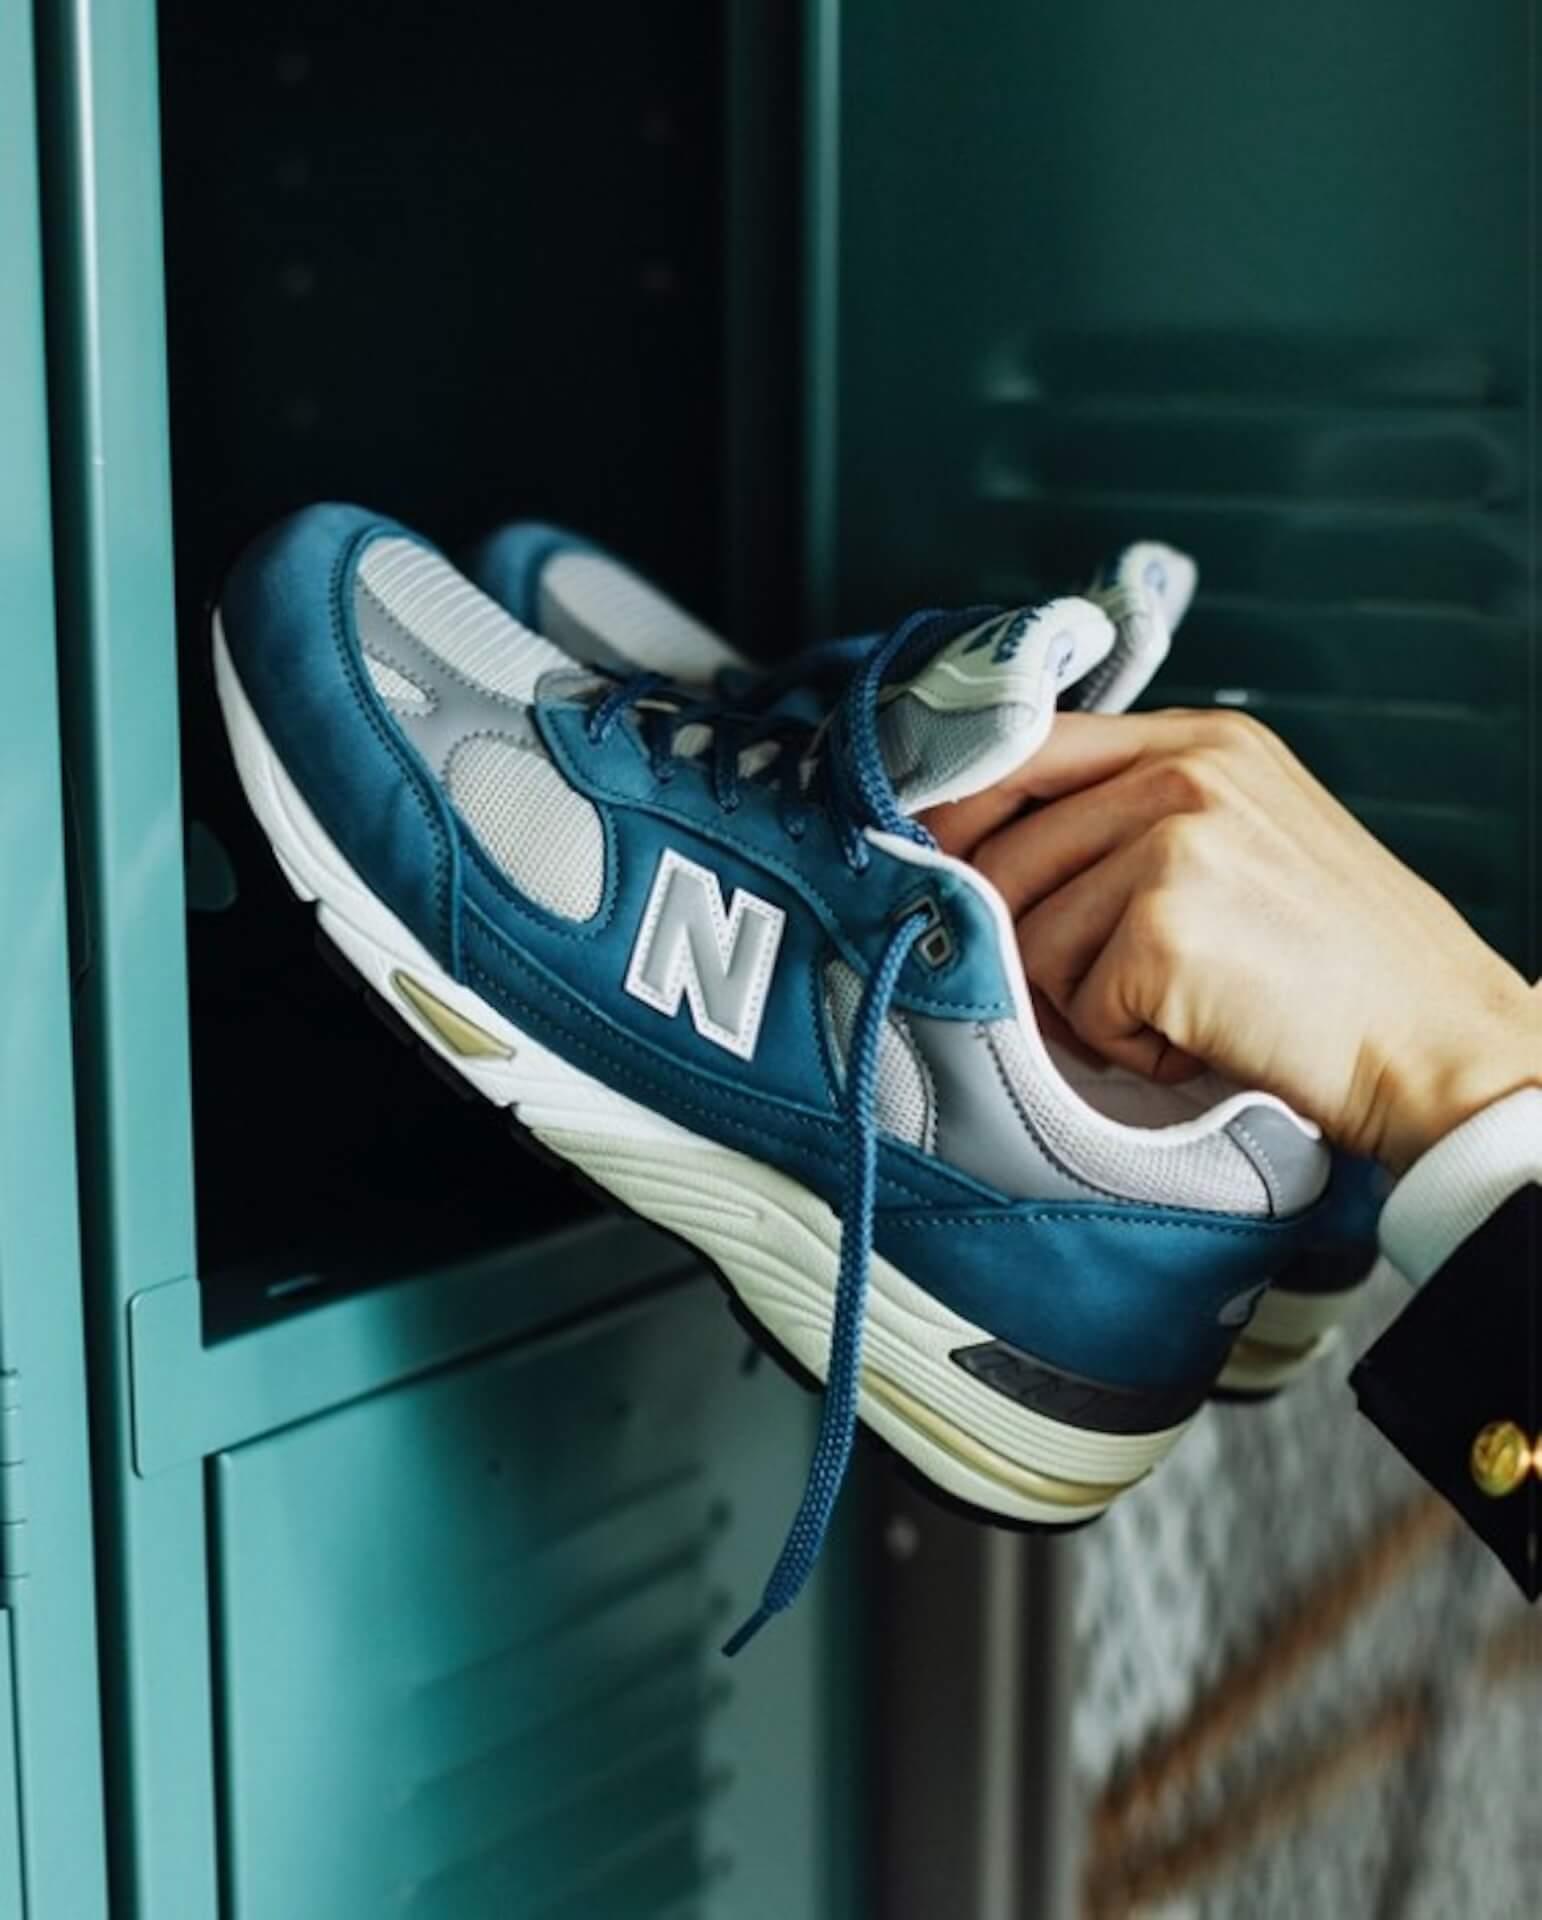 ニューバランス「991」にオフィシャル&BEAMS PLUS限定カラーのスレートブルー&ウォームグレーが登場! life210917_newbalance_991_1